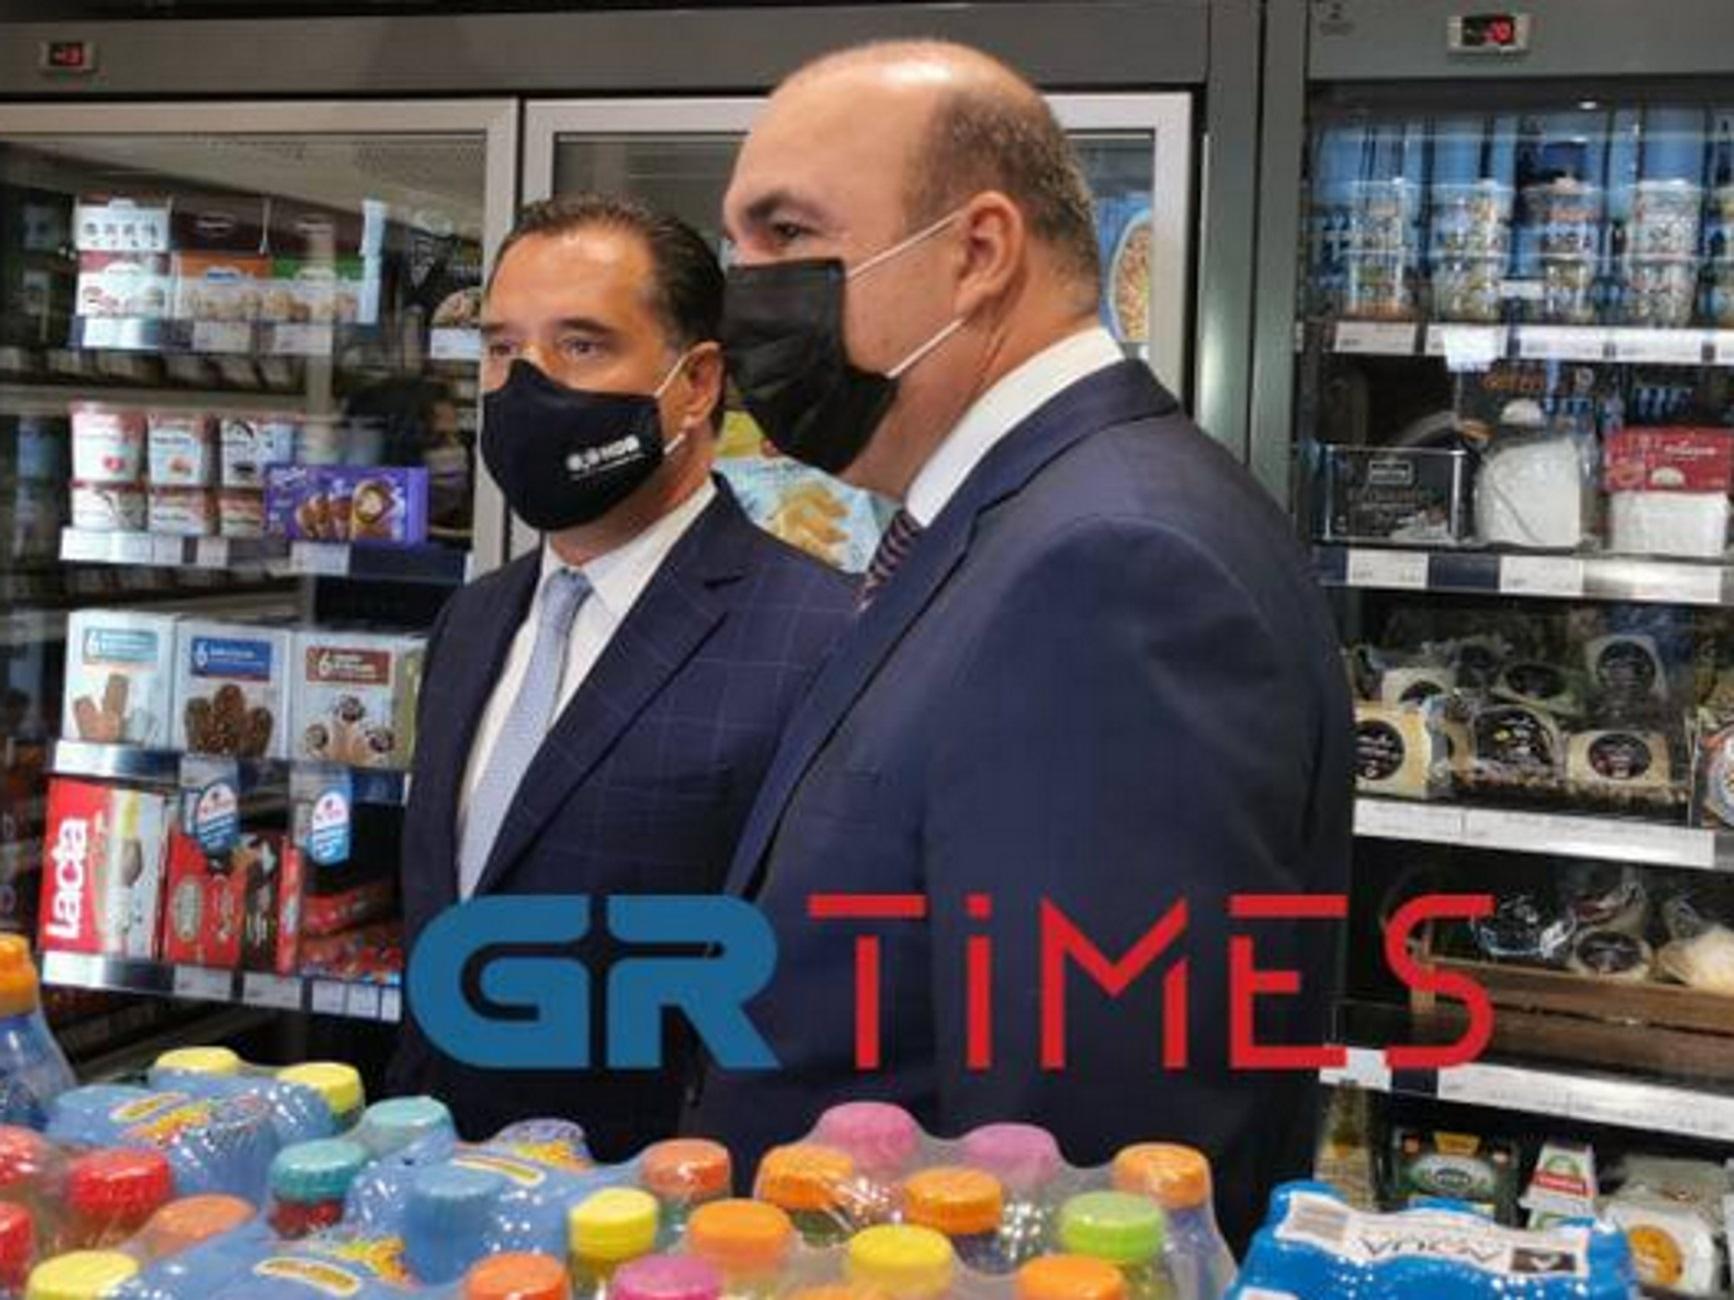 Θεσσαλονίκη: Ο Άδωνις Γεωργιάδης έκοψε την κορδέλα του σούπερ μάρκετ «Μασούτης» στο αεροδρόμιο